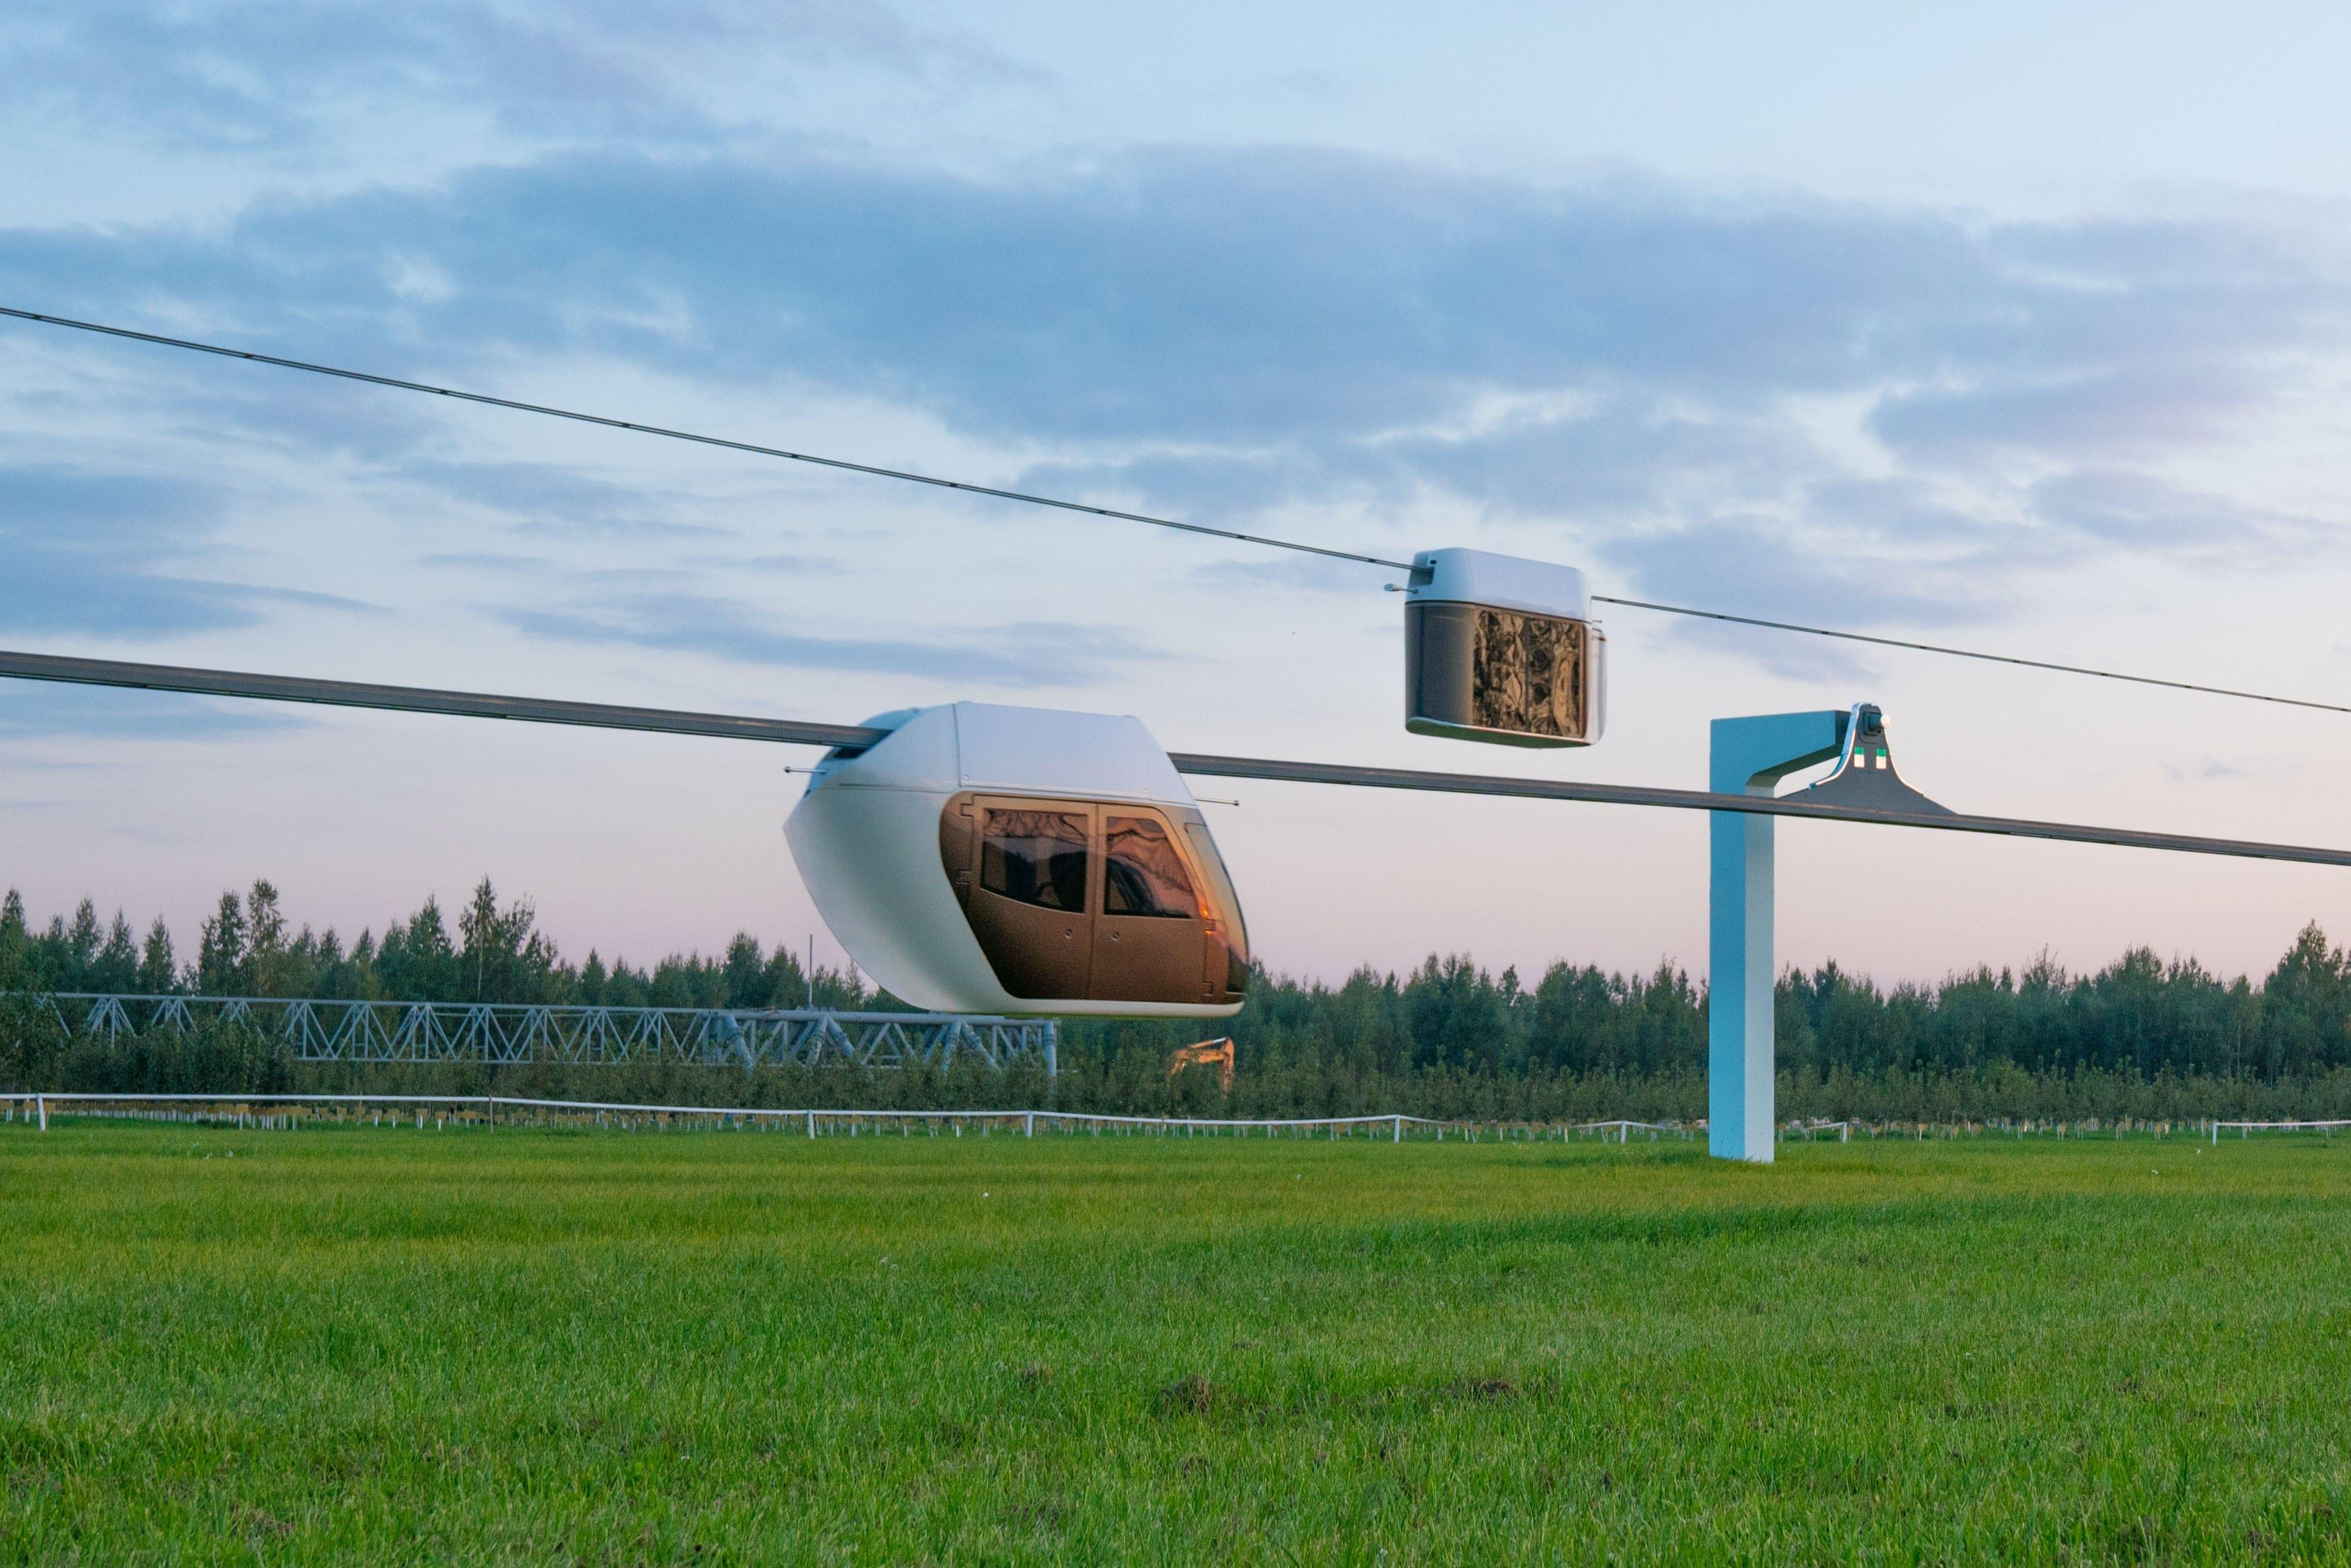 yunibus-skyway-on-the-rails-min